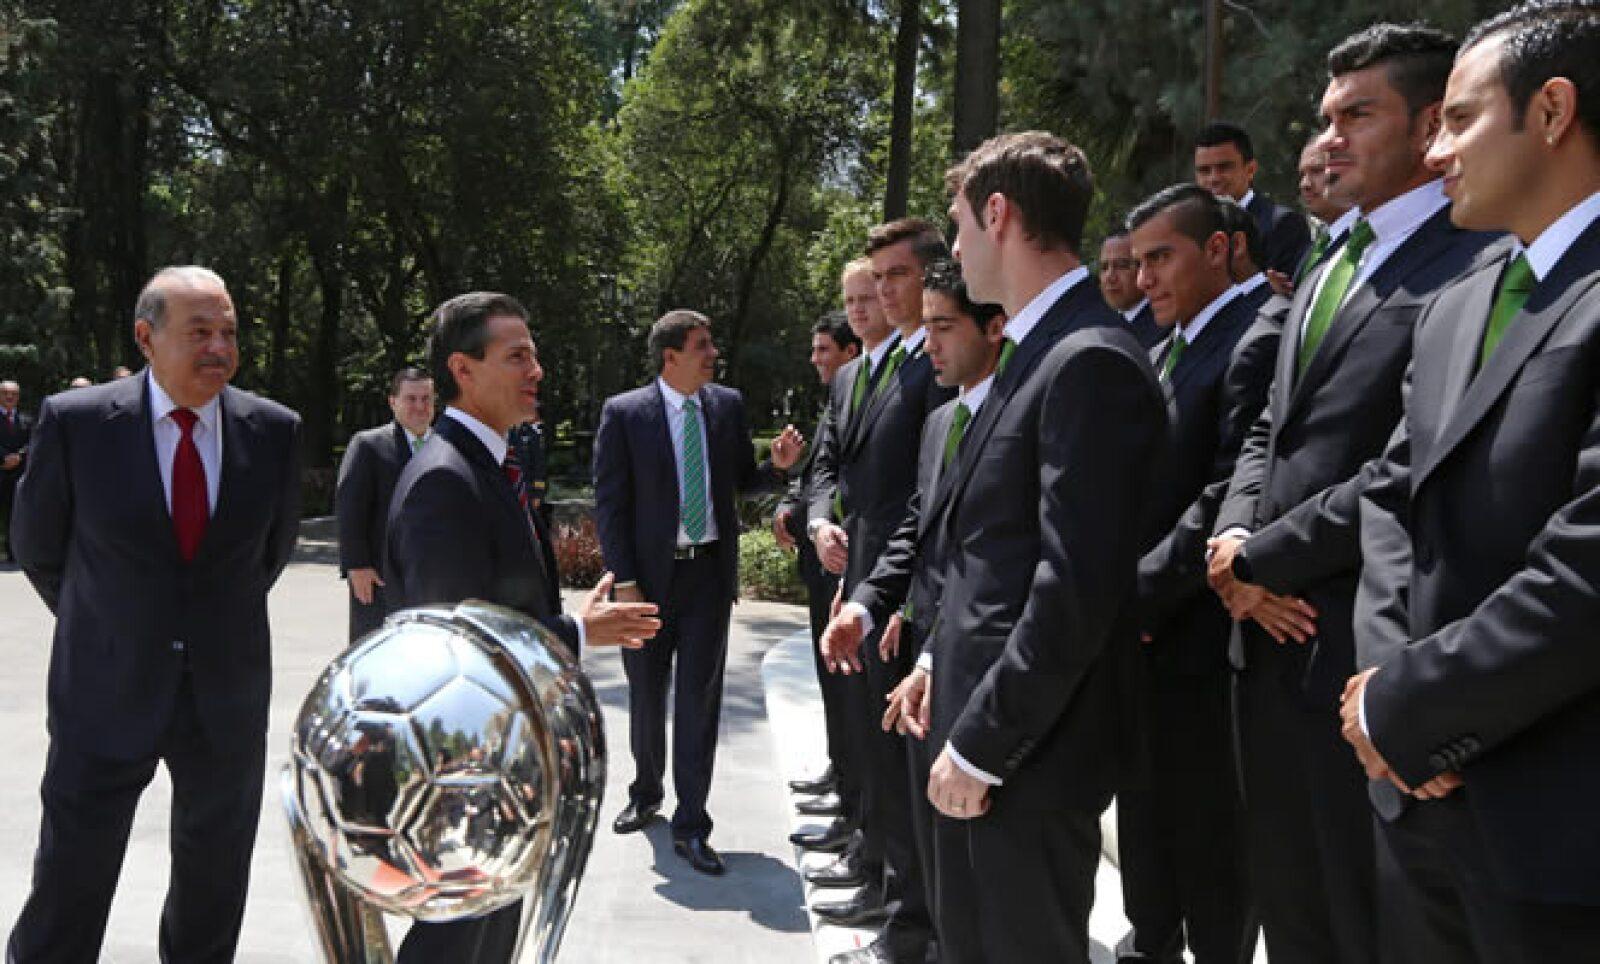 Carlos Slim posee 30% del Club León, el cual ganó al América de Emilio Azcárraga 5-1, en el marcador global.